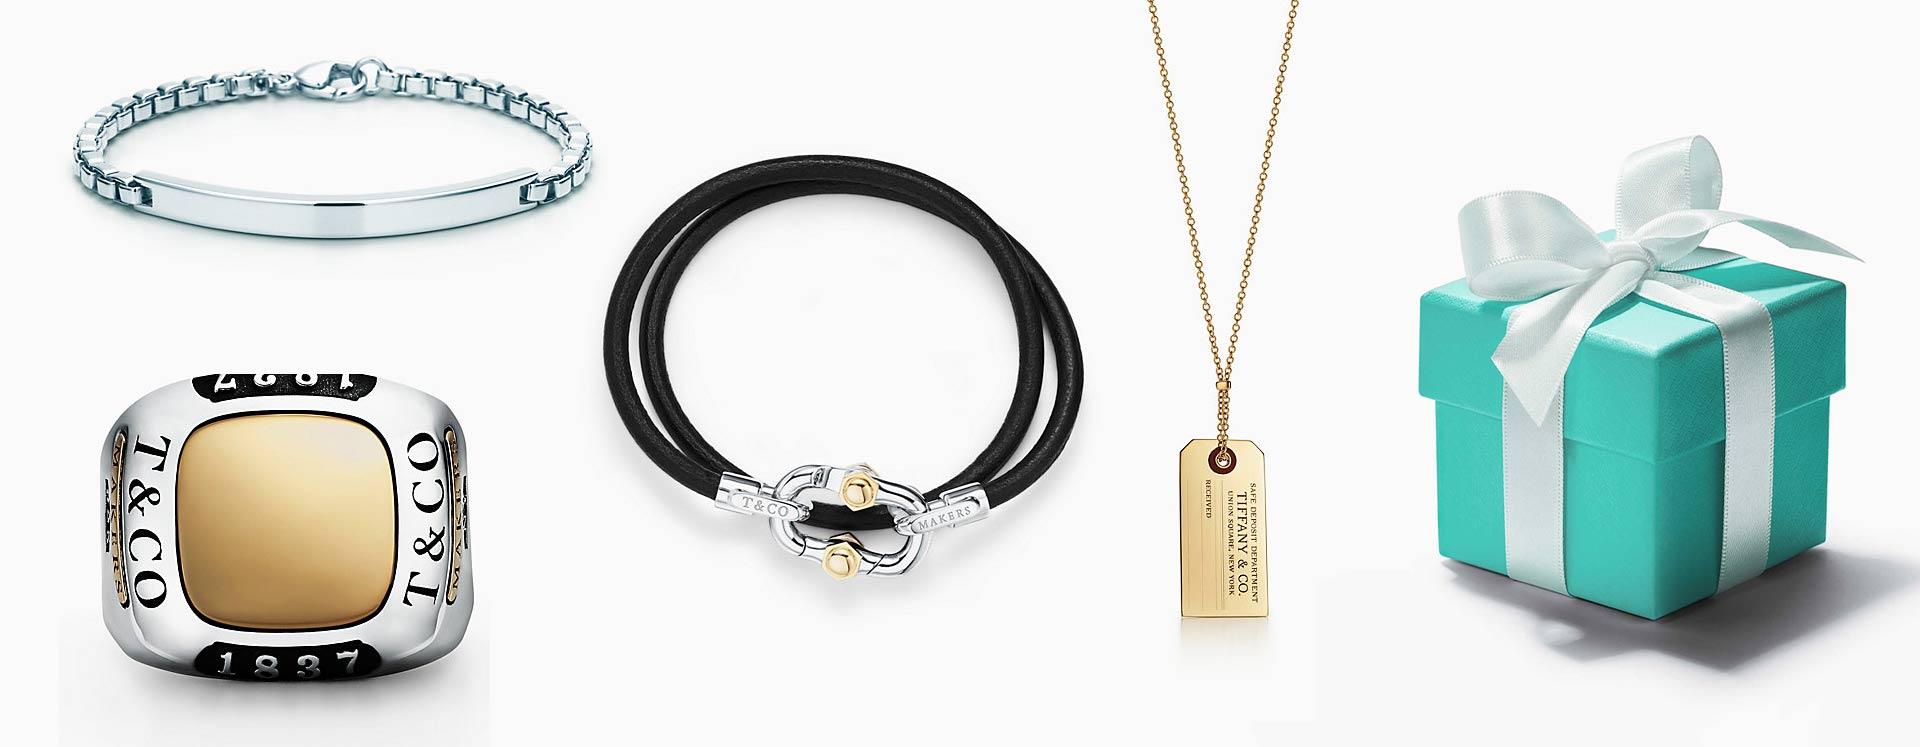 men's jewellery22 - برندهای لوکسی که موجب رونق جواهرات مردانه شده اند